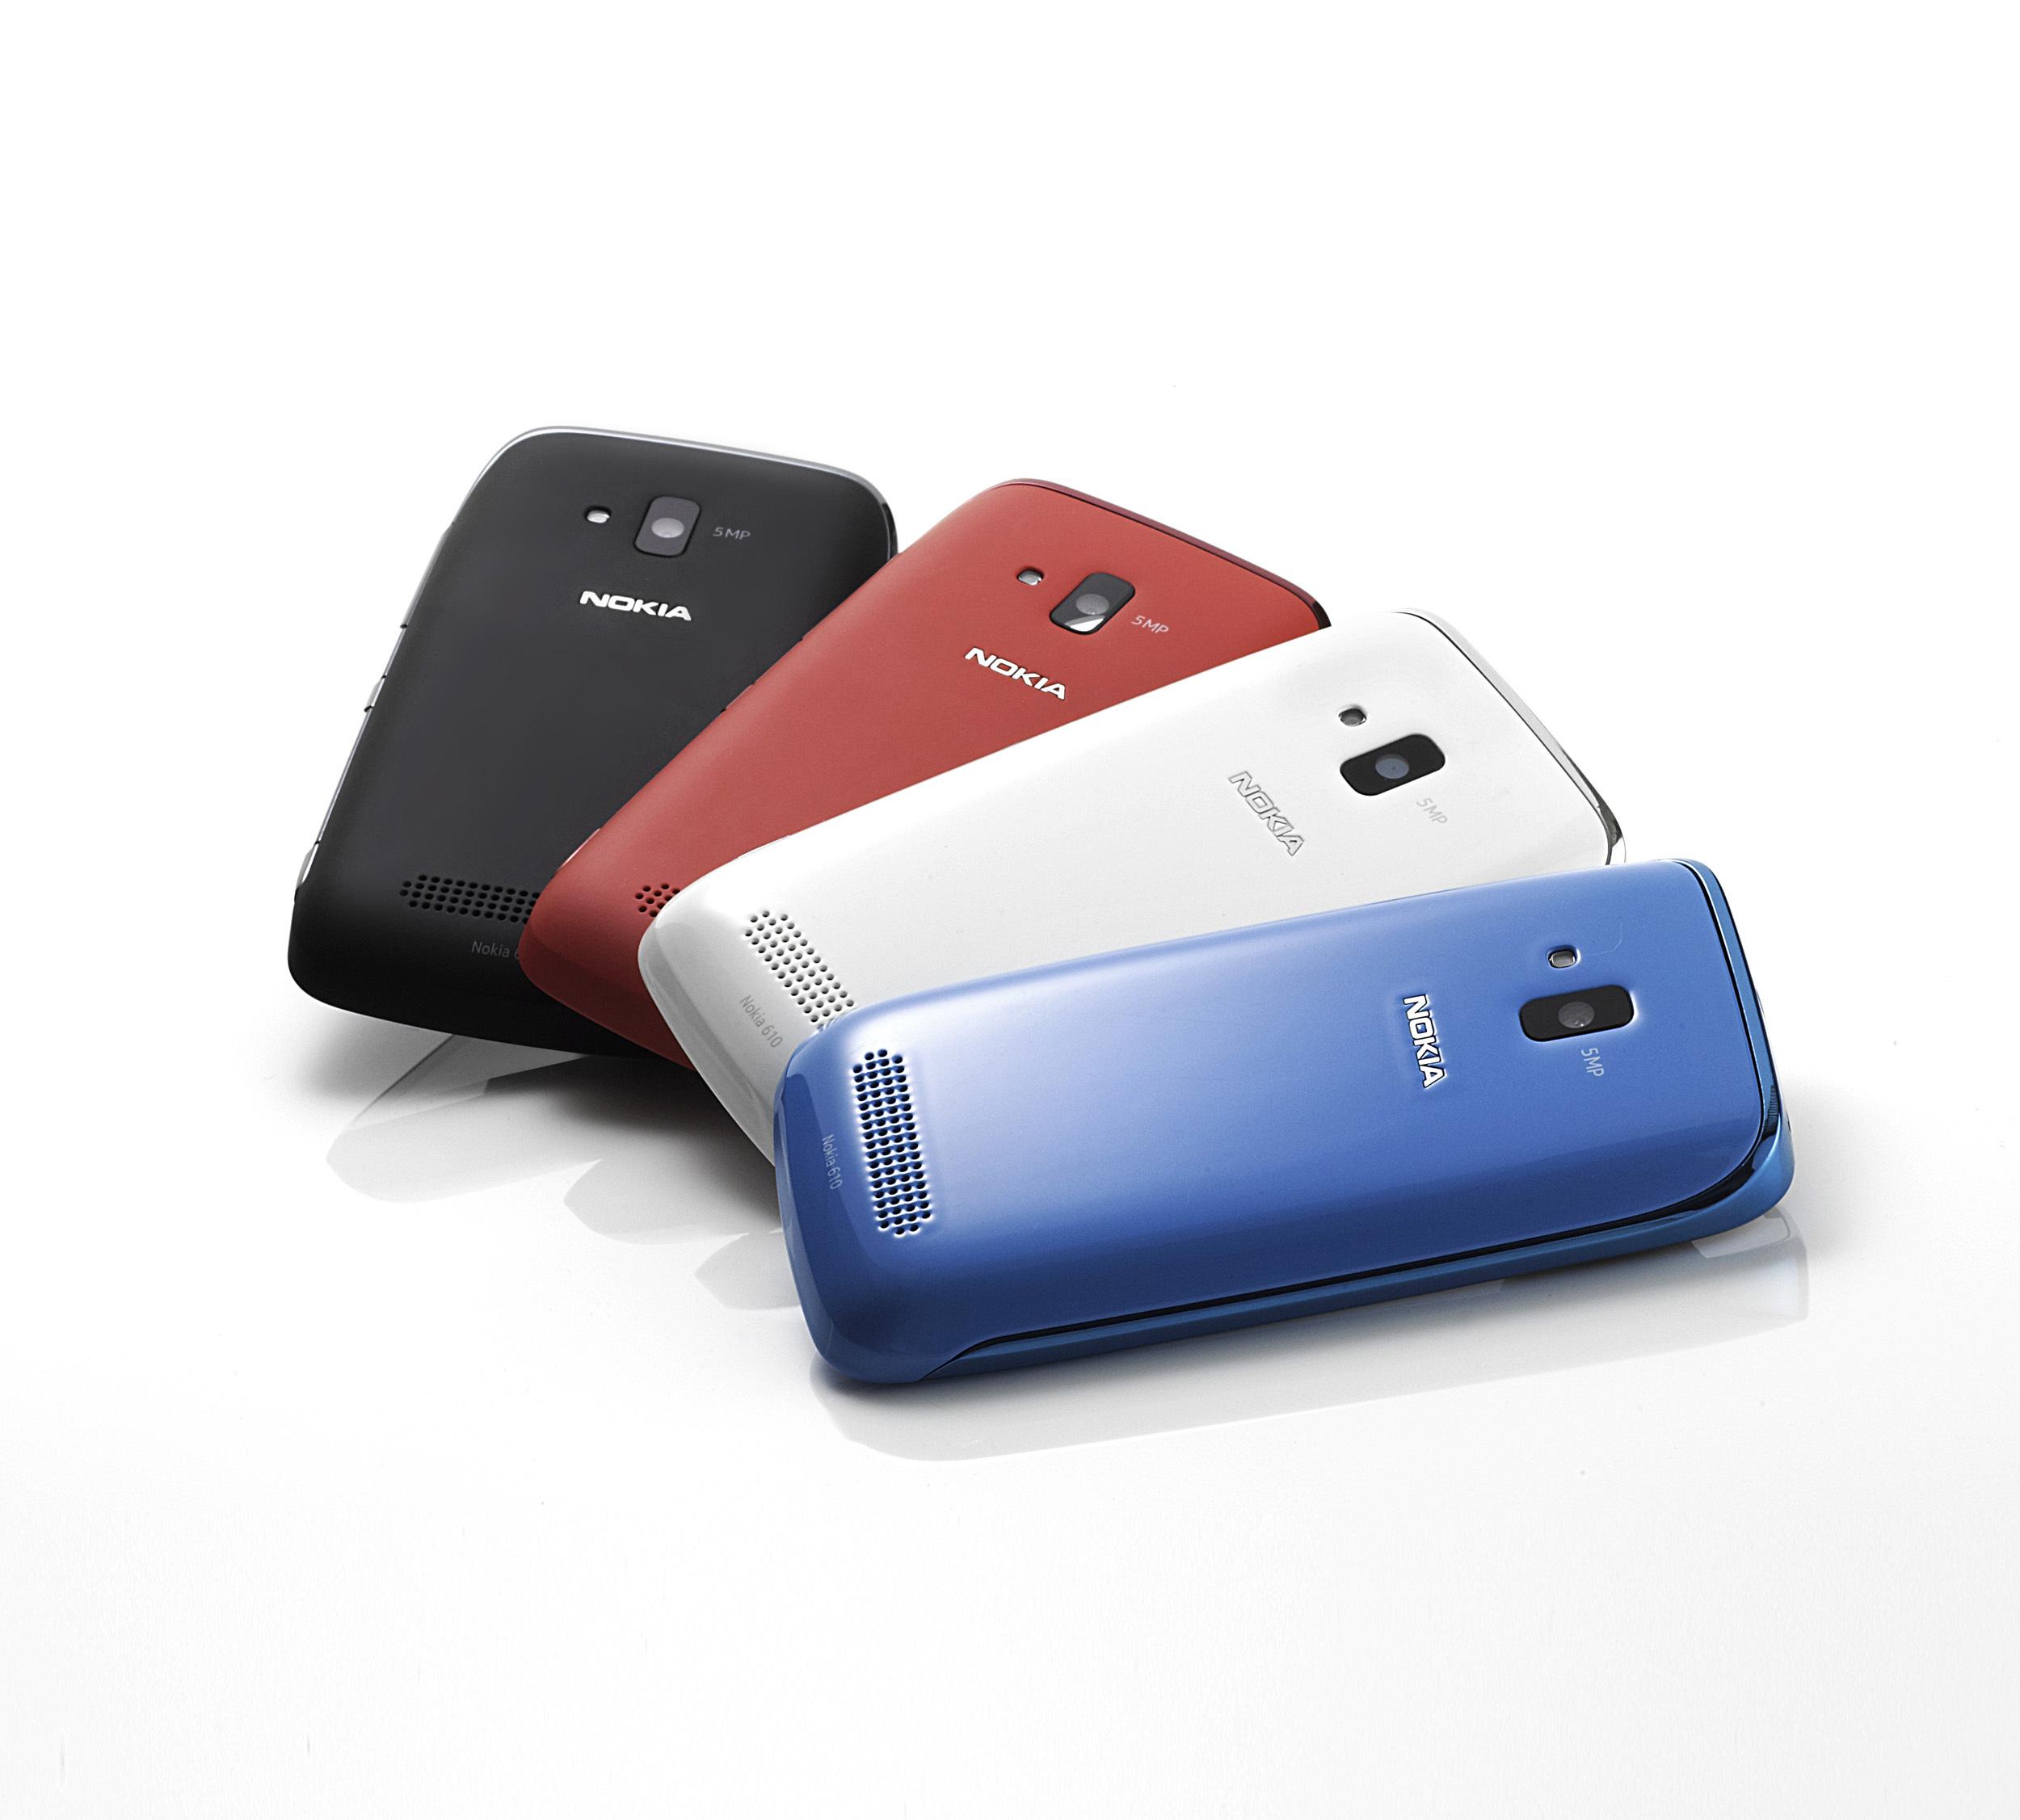 nokia lumia suite app lumia from lumia download zune you 610 nokia